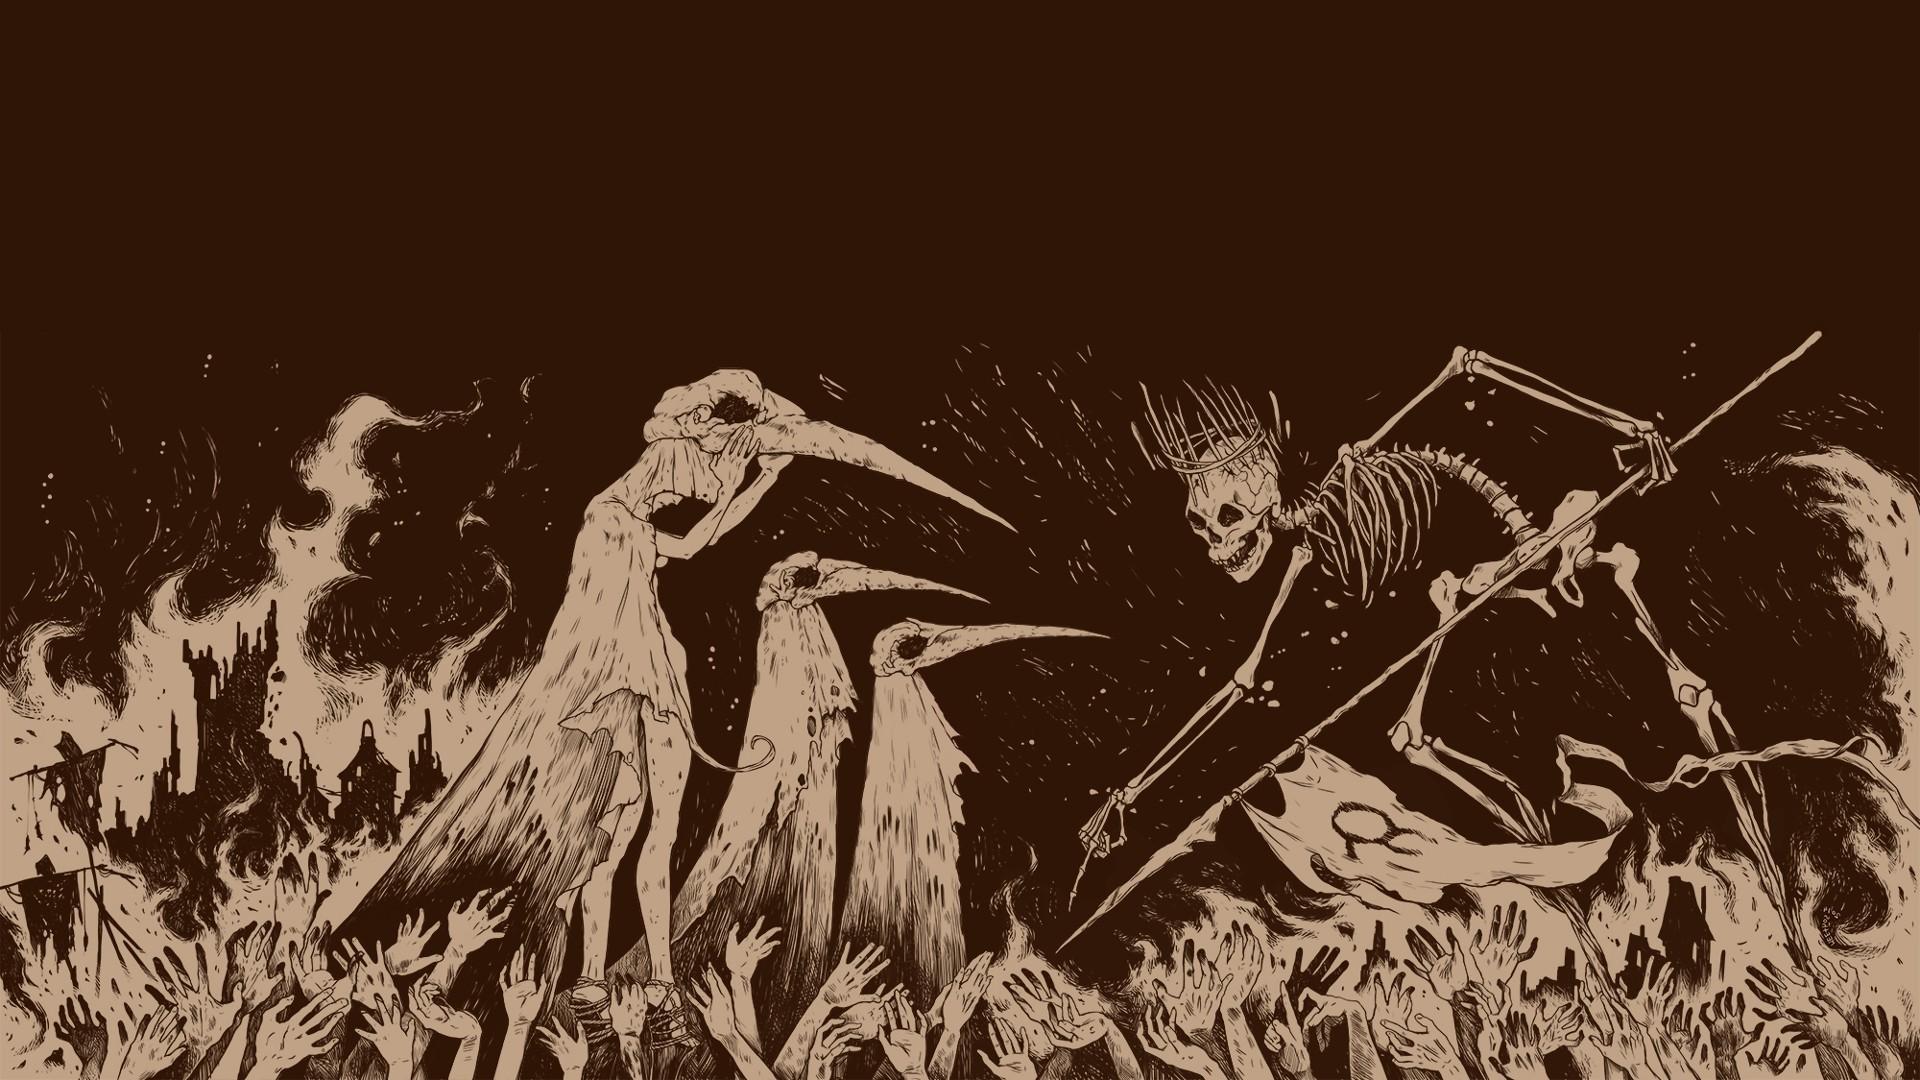 pathologic, Video Games, Brown, Plague, Plague Doctors, Death, Skeleton,